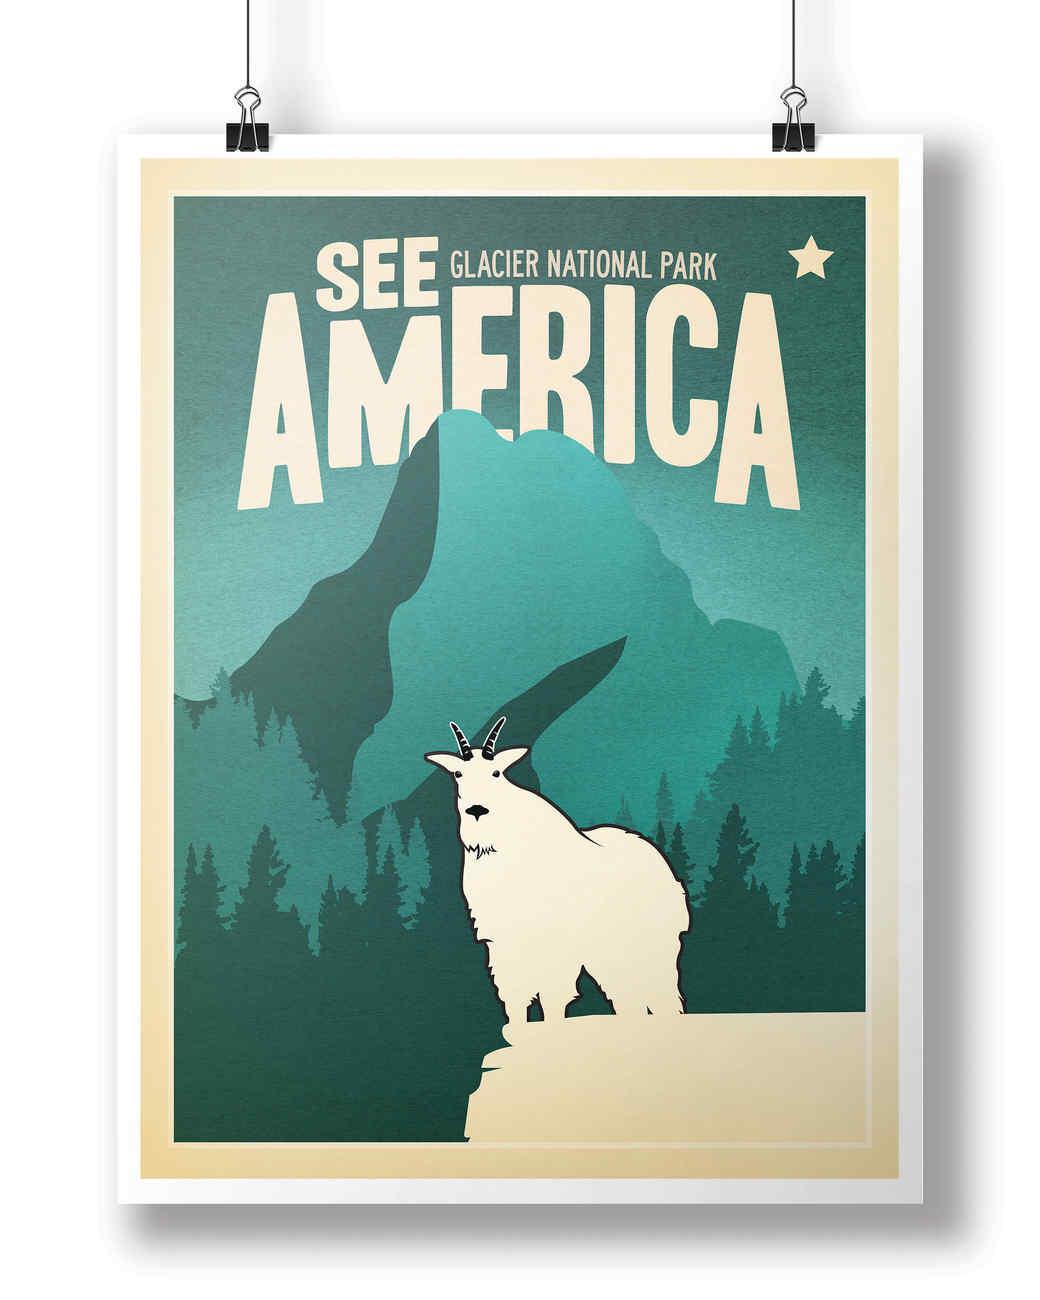 see-america_glacier-national-park_c-matt-brass.jpg